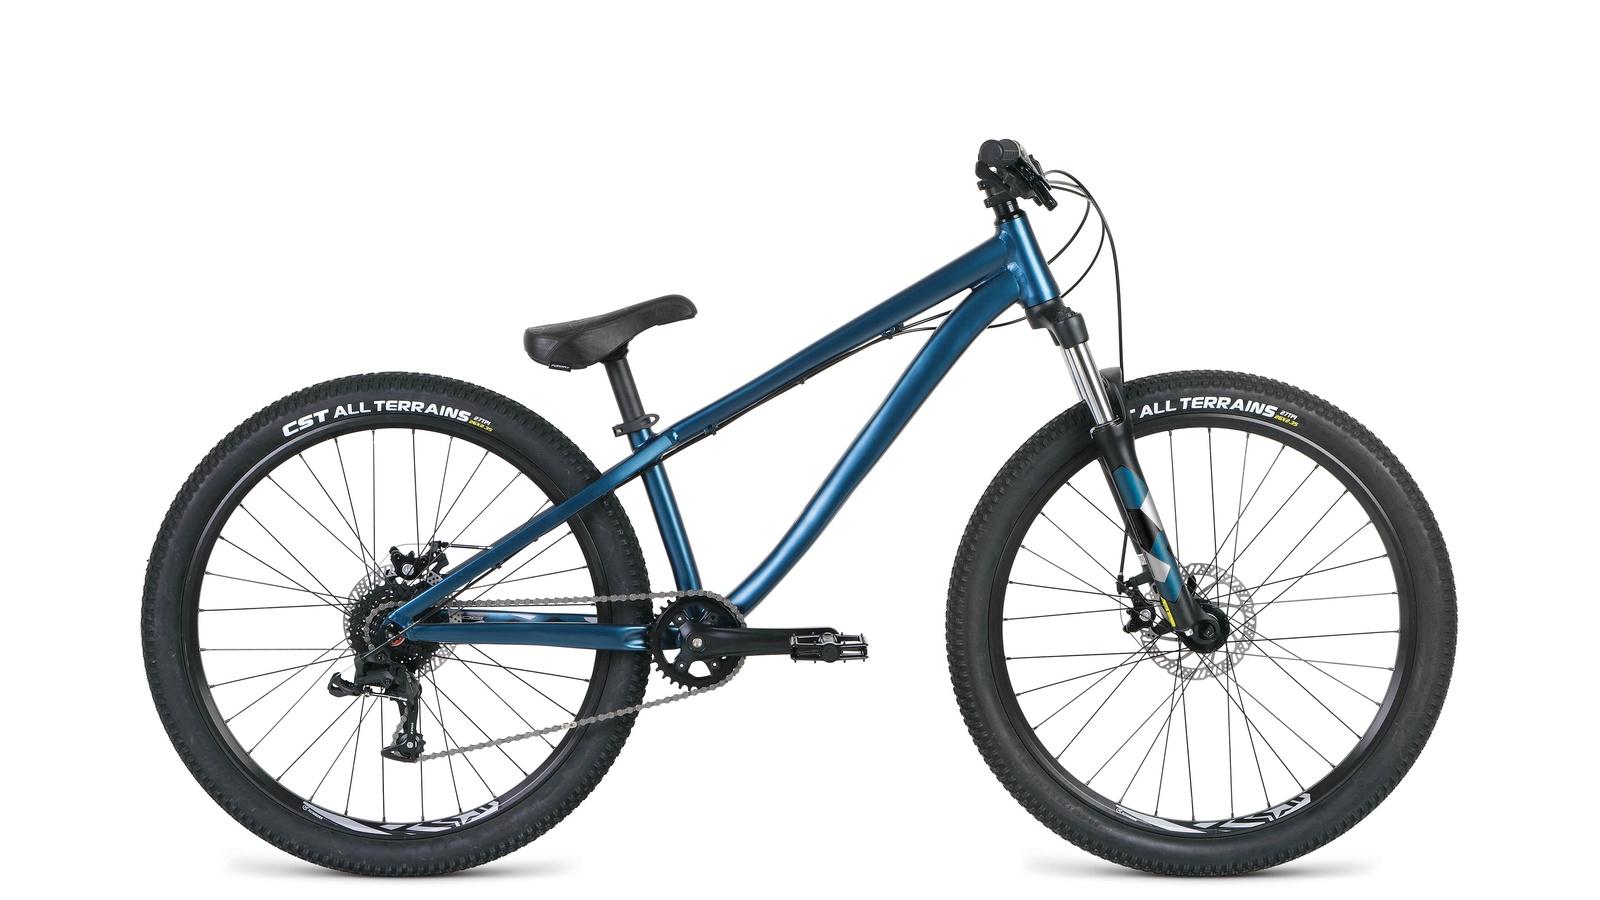 Велосипед Forward 9213 26 2019, темно-синий велосипед forward flash 26 2 0 disс 2019